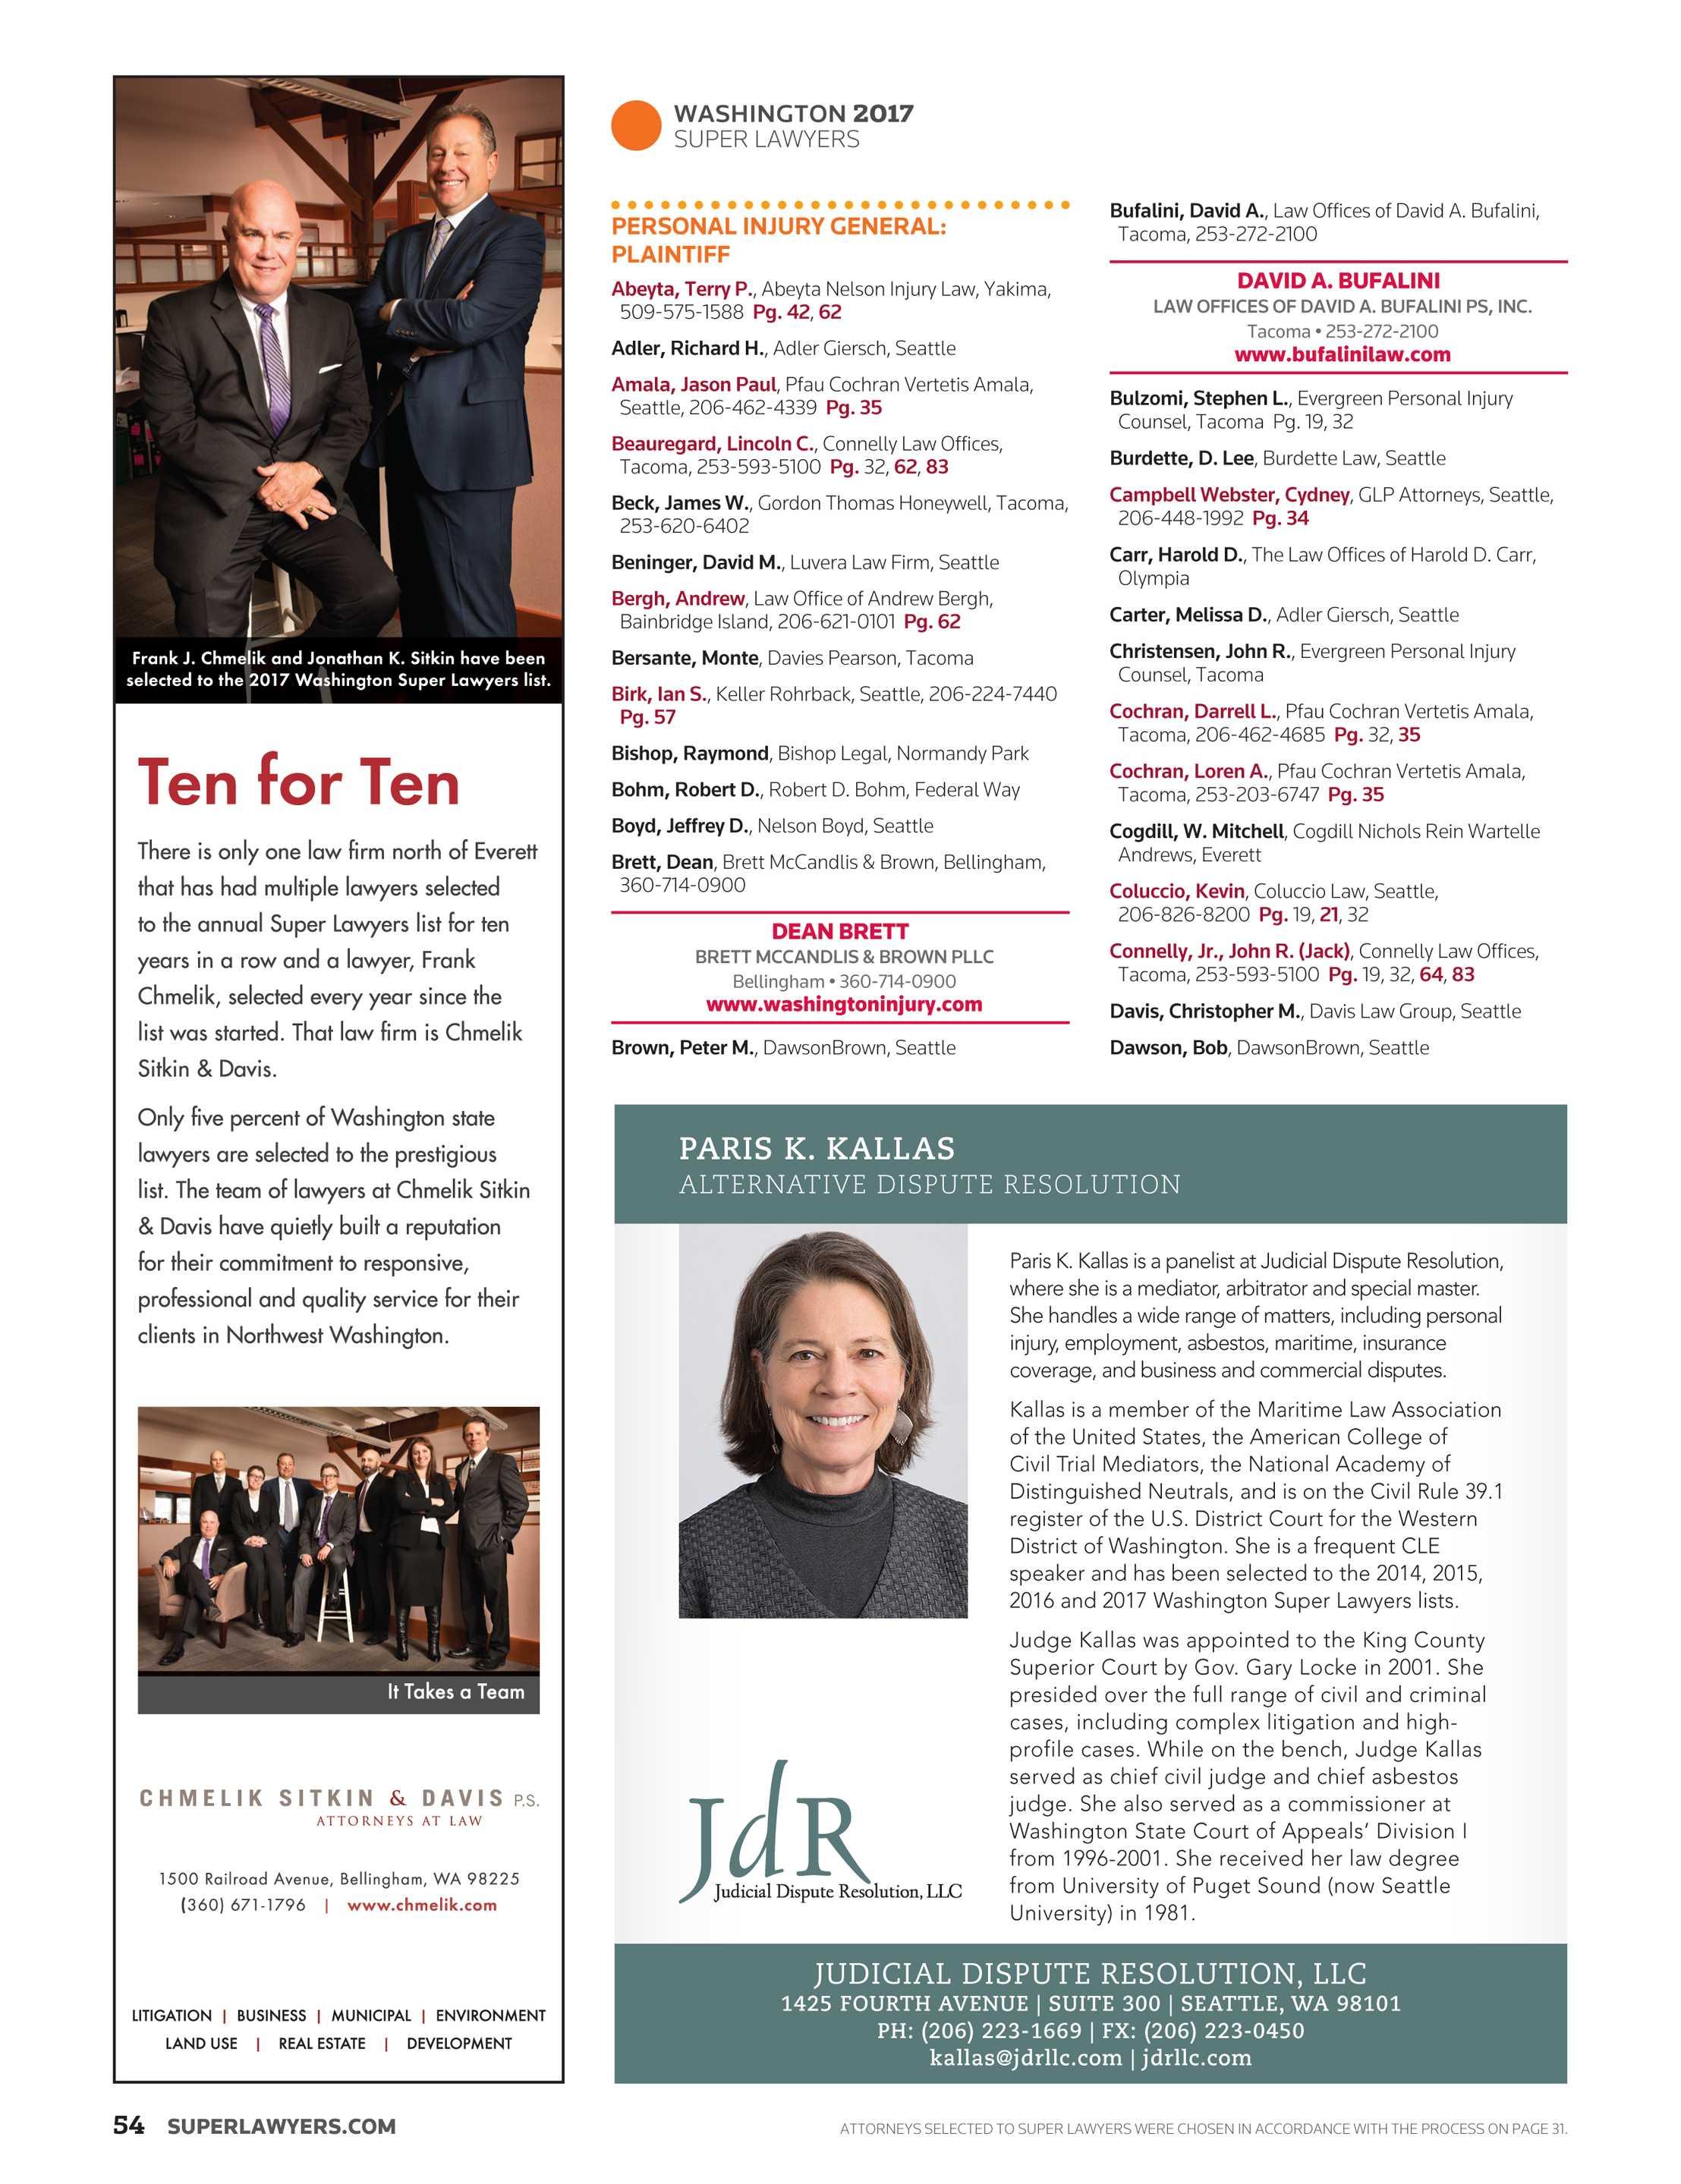 Super Lawyers - Washington 2017 - page 54